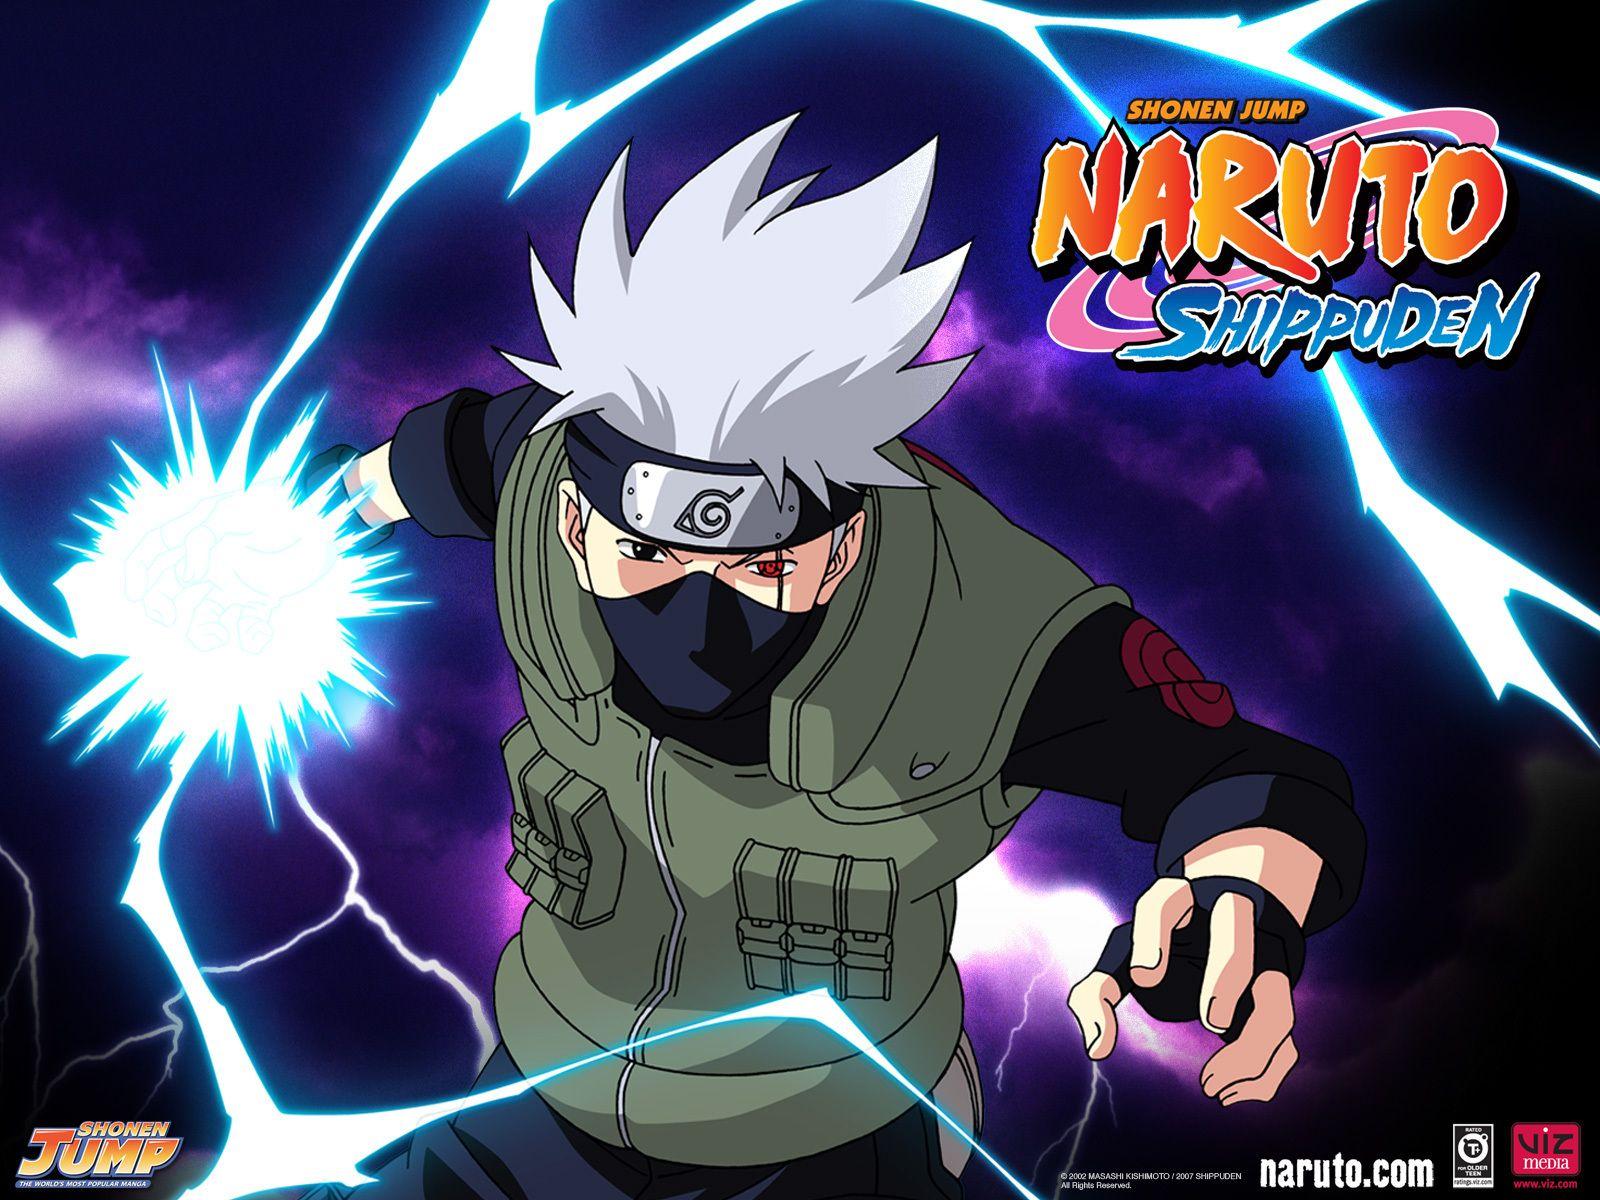 Naruto Wallpaper Awesome Wallpapers Anime Naruto Naruto Shippuden Hd Naruto